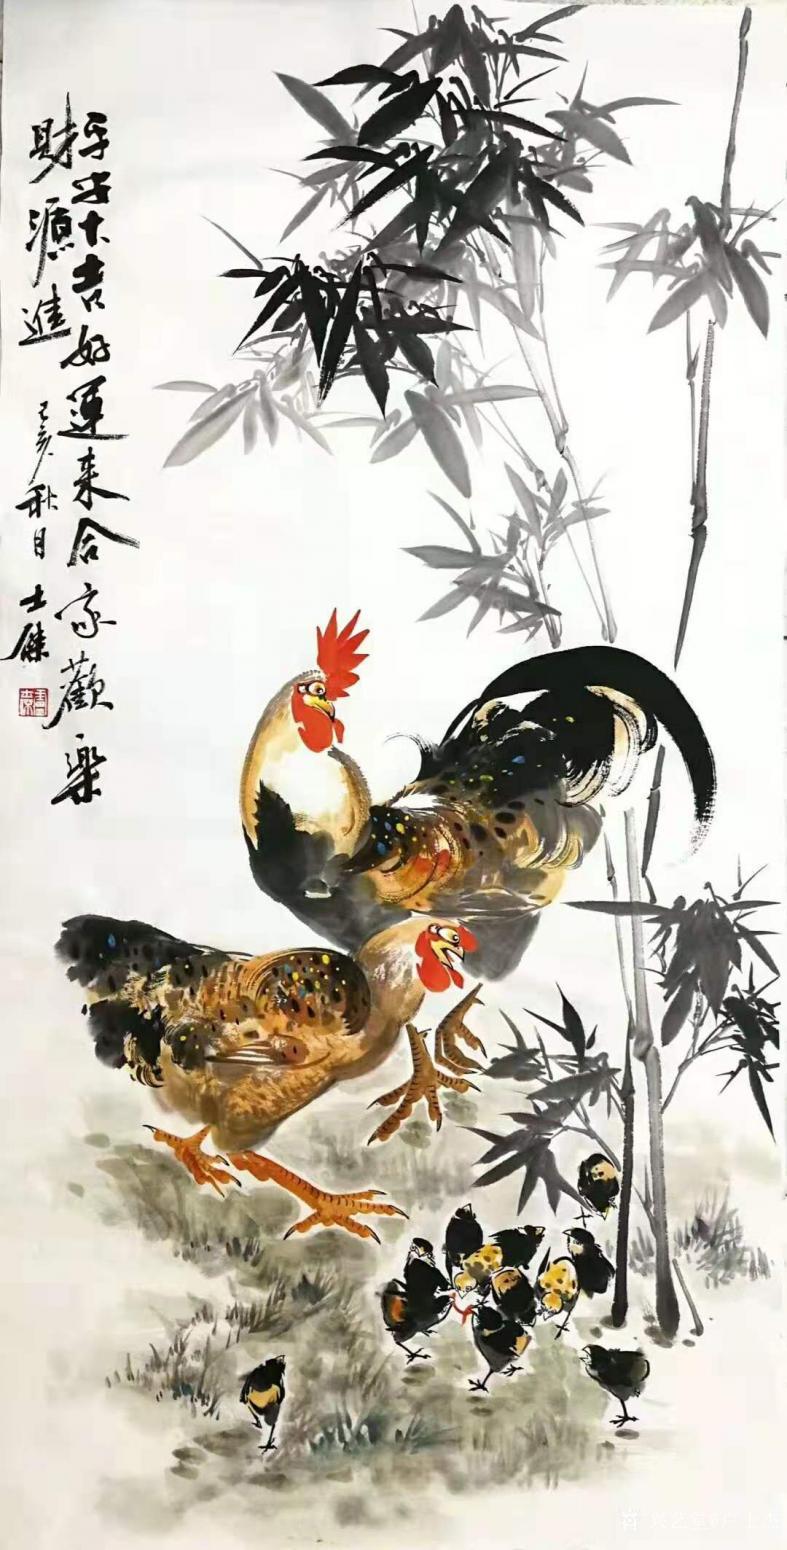 卢士杰国画作品《鸡-平安大吉2》【图0】